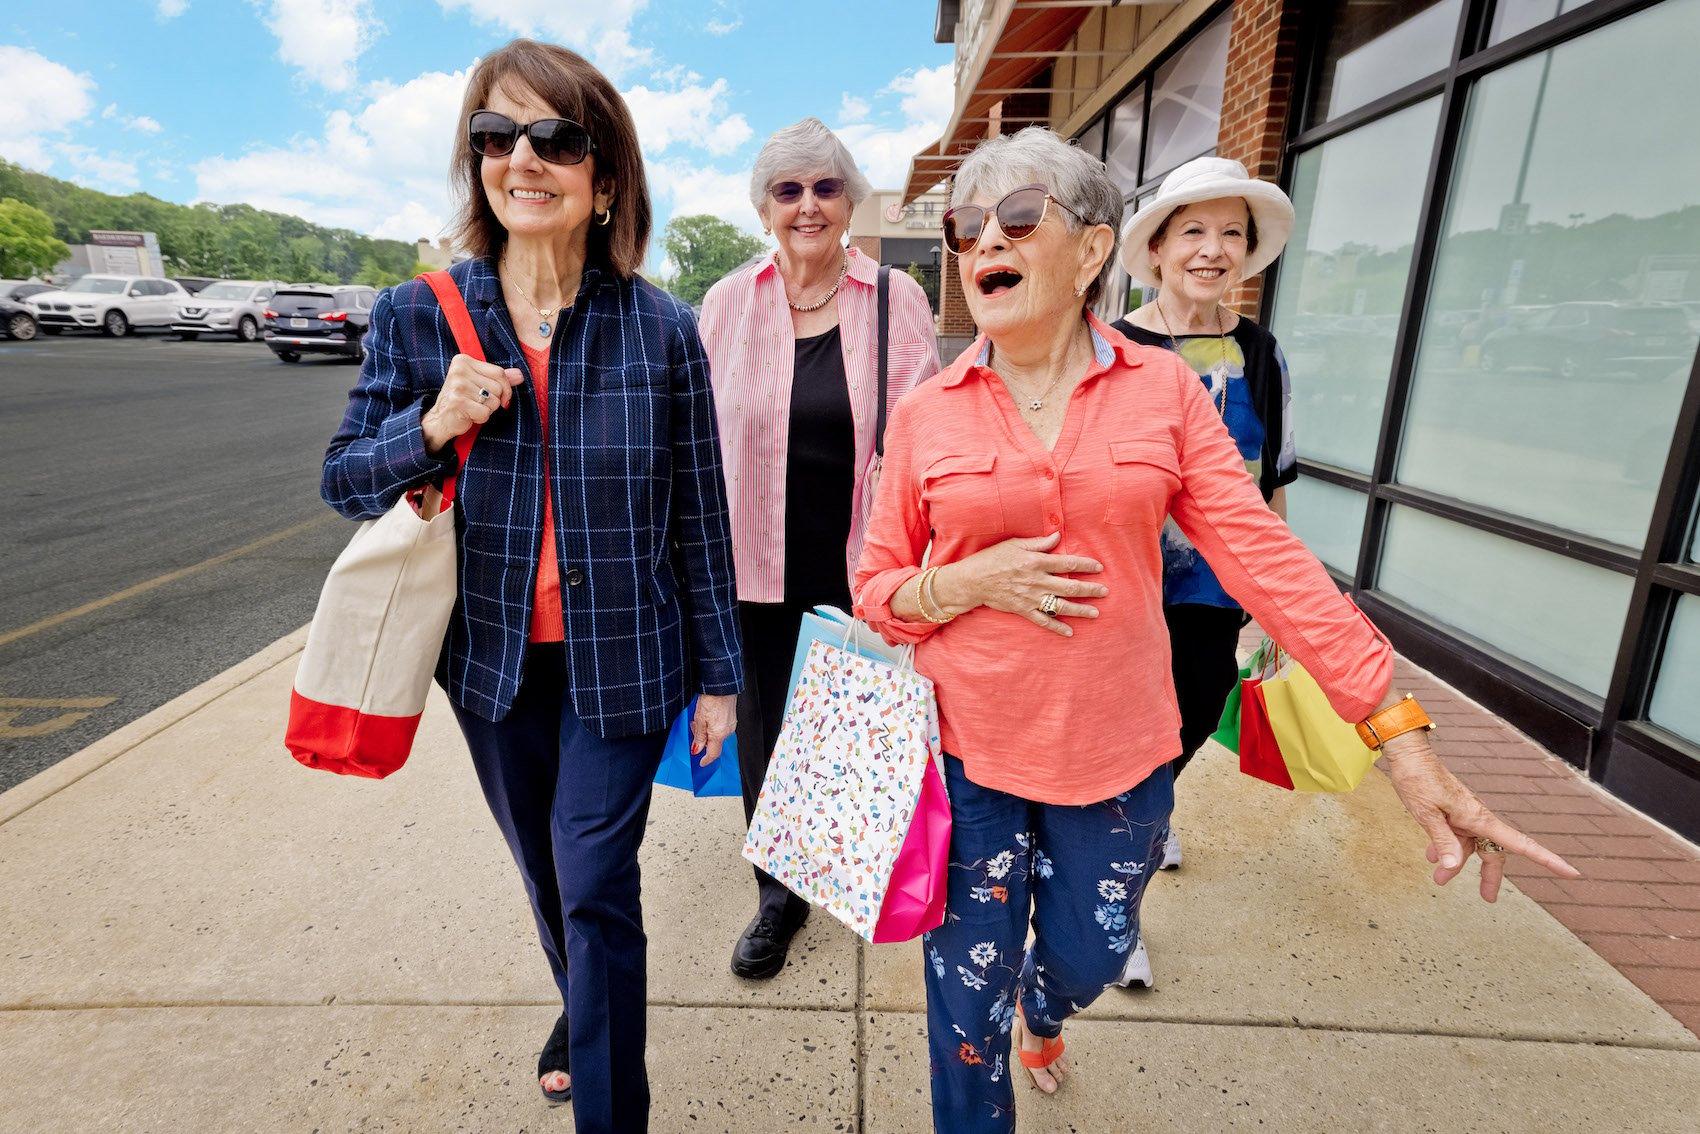 four women shopping